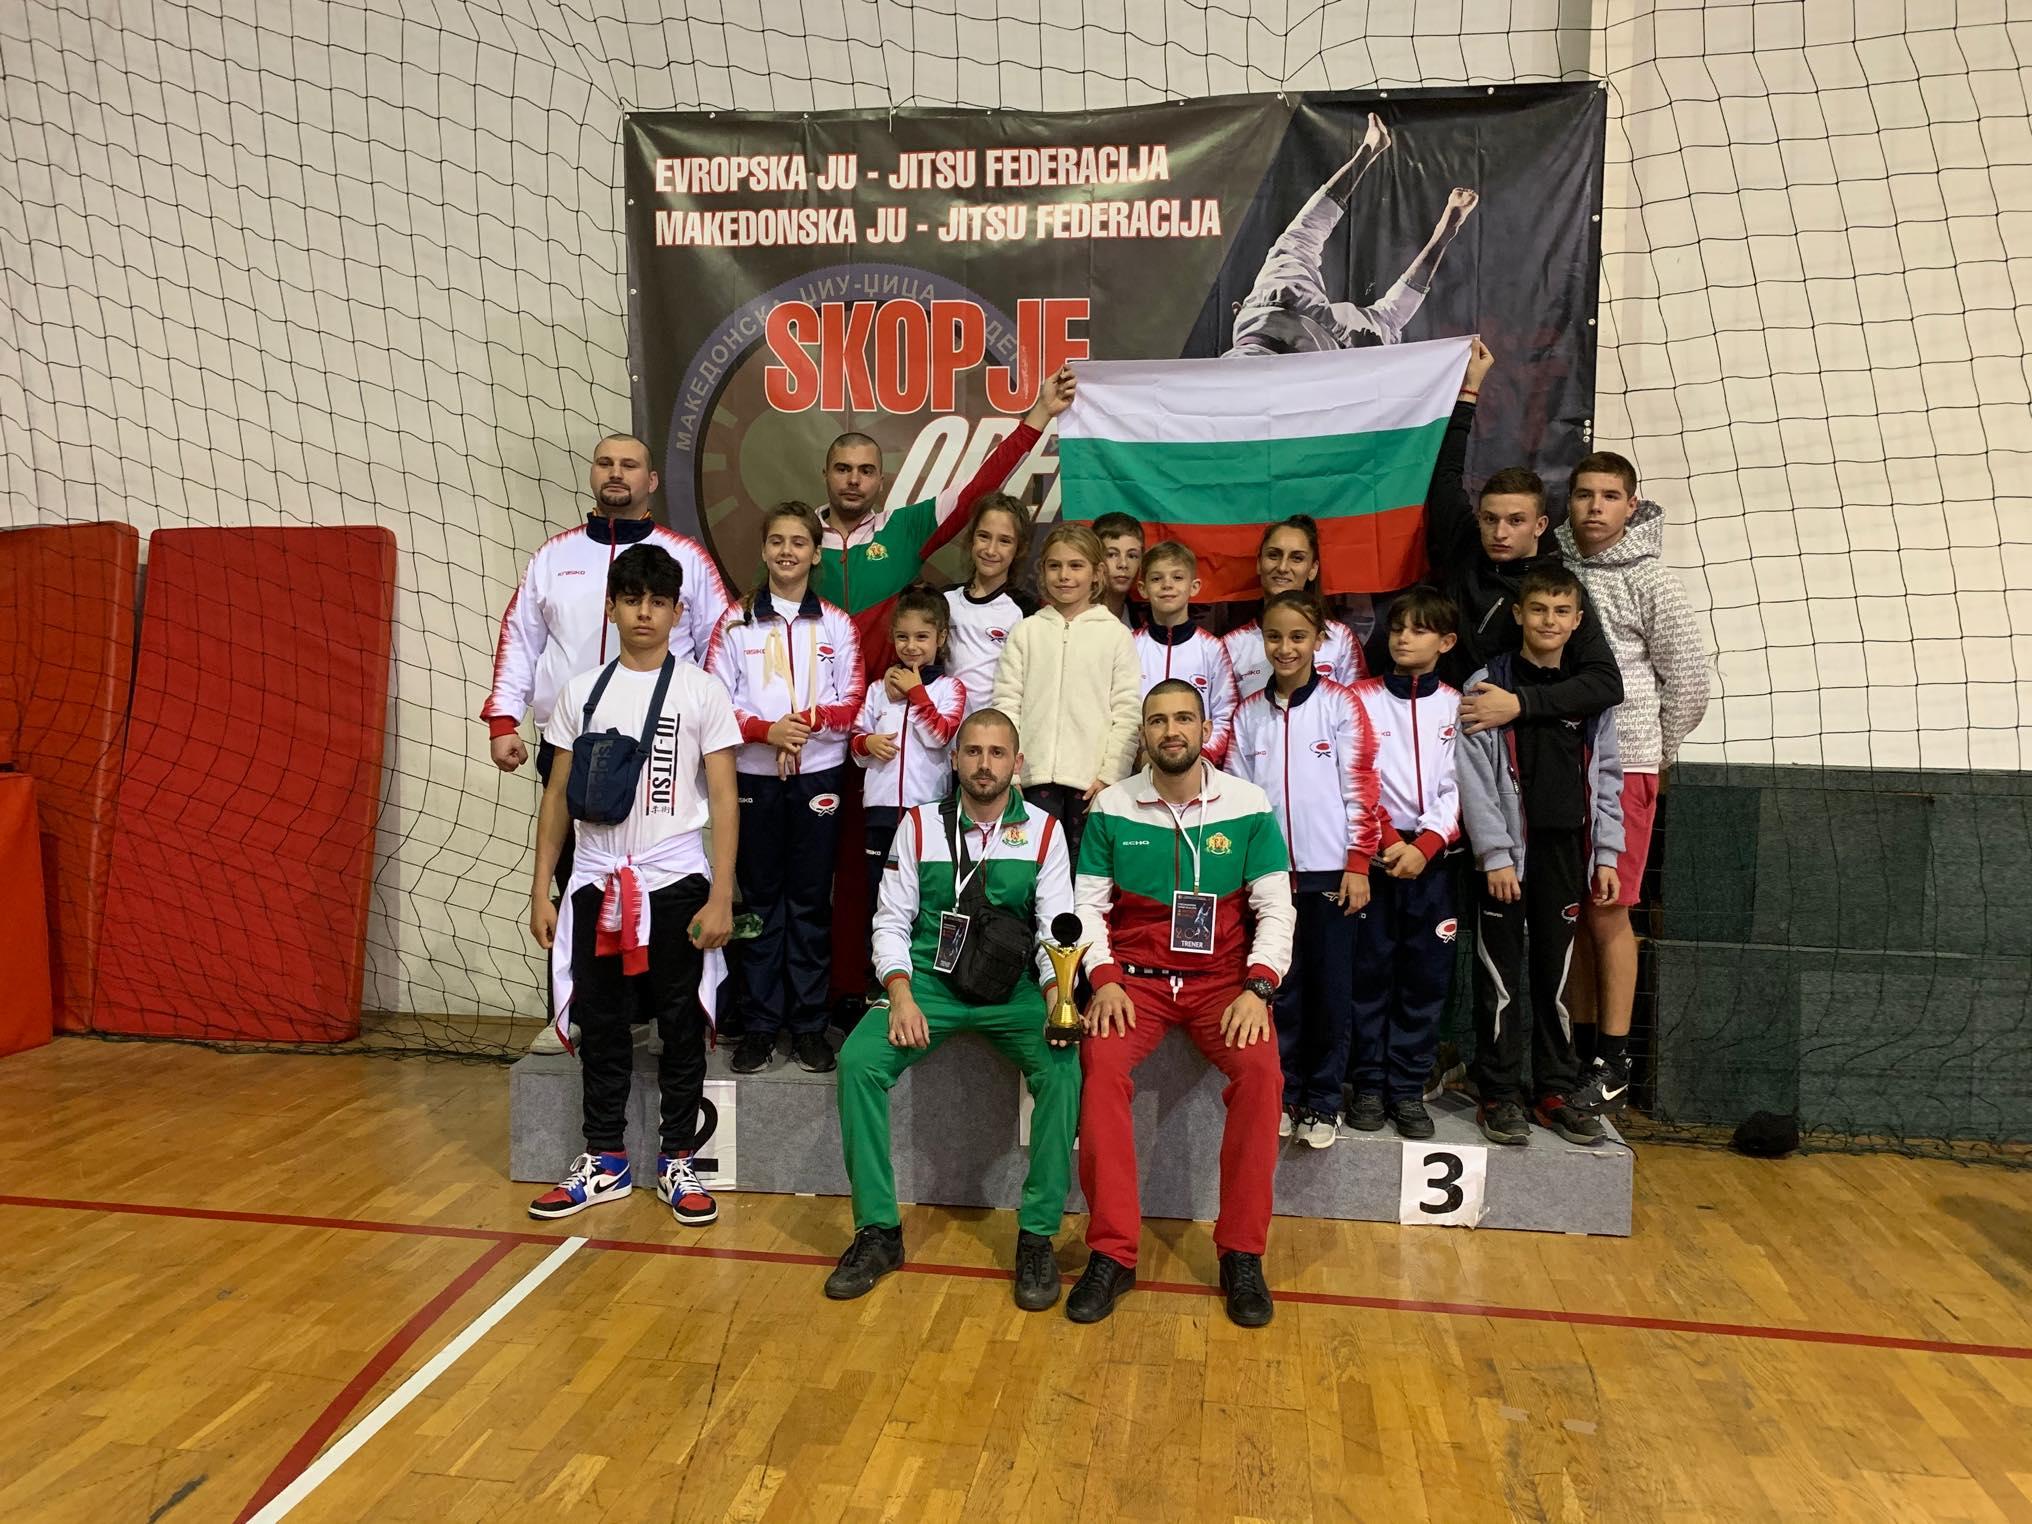 43 медала и отборна купа за бургаски клуб в Скопие